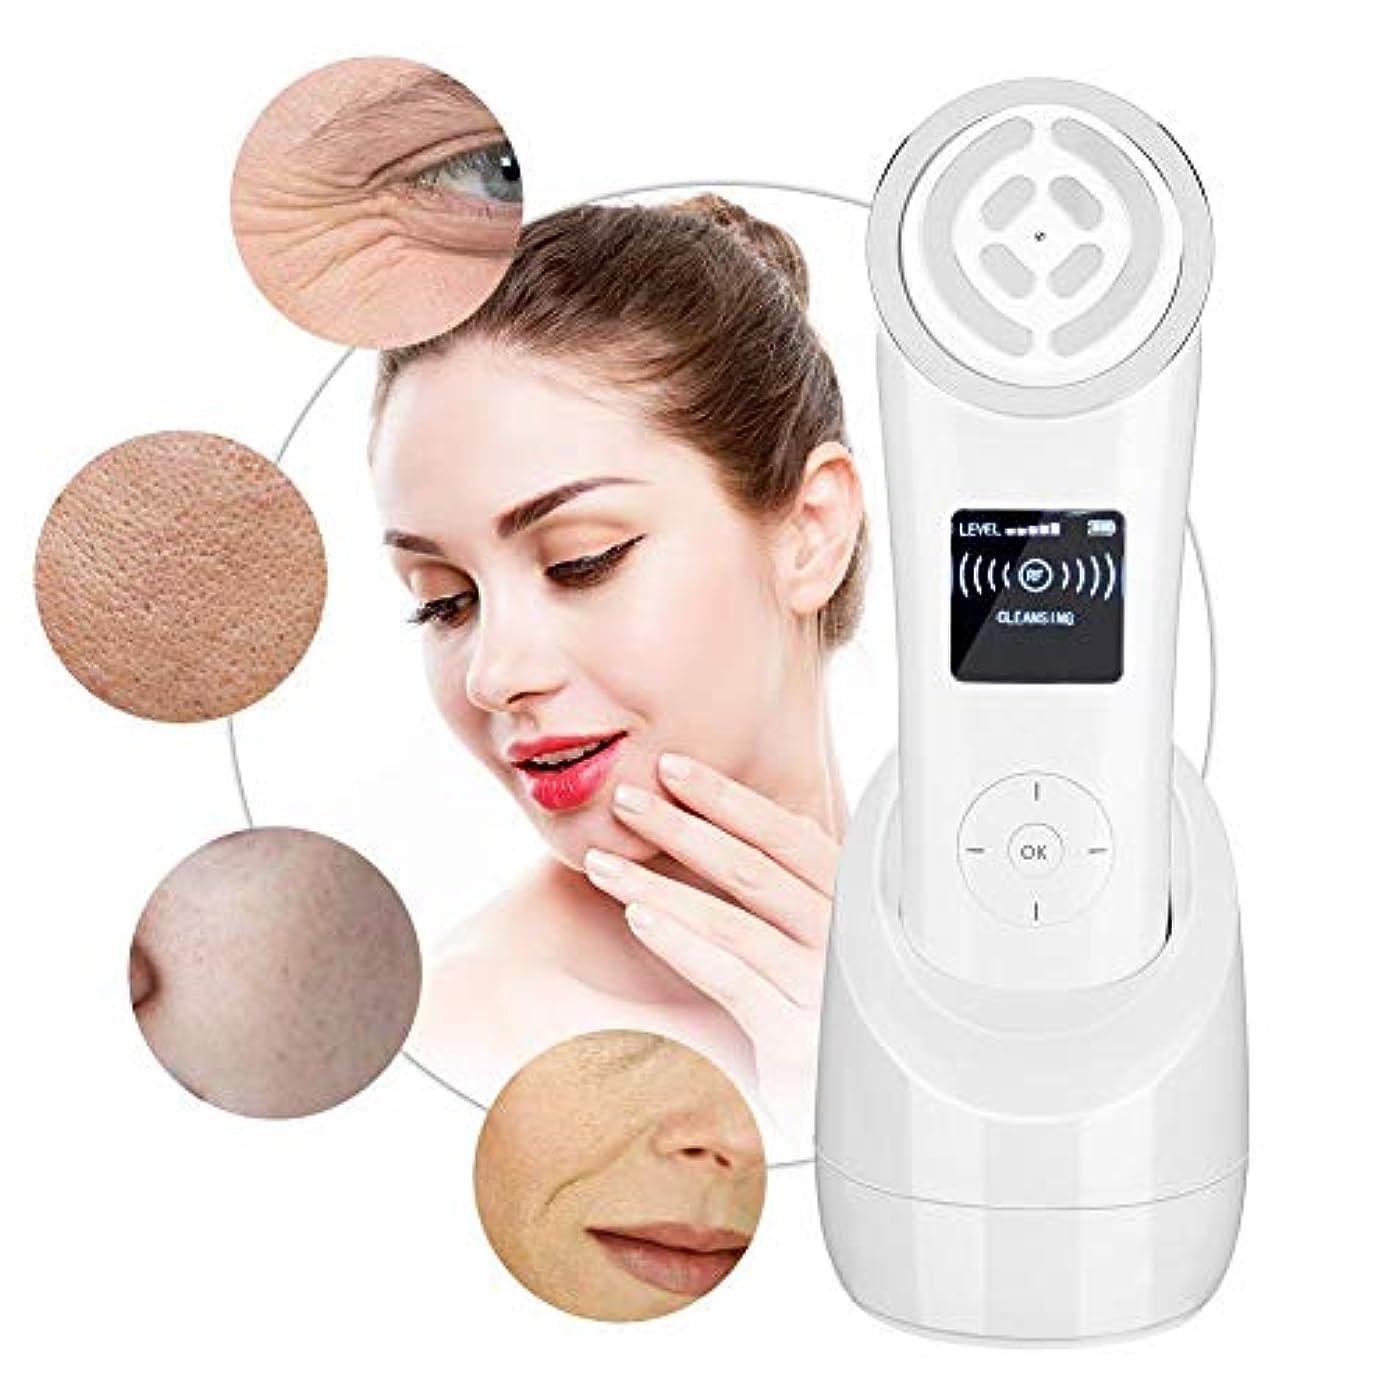 マイクロプロセッサバイパスモディッシュ顔の美しさのマシン - RF周波数アンチエイジングアンチリンクル、肌の若返り楽器 - ポータブル若返り肌がEMS筋肉刺激を強化(UE)